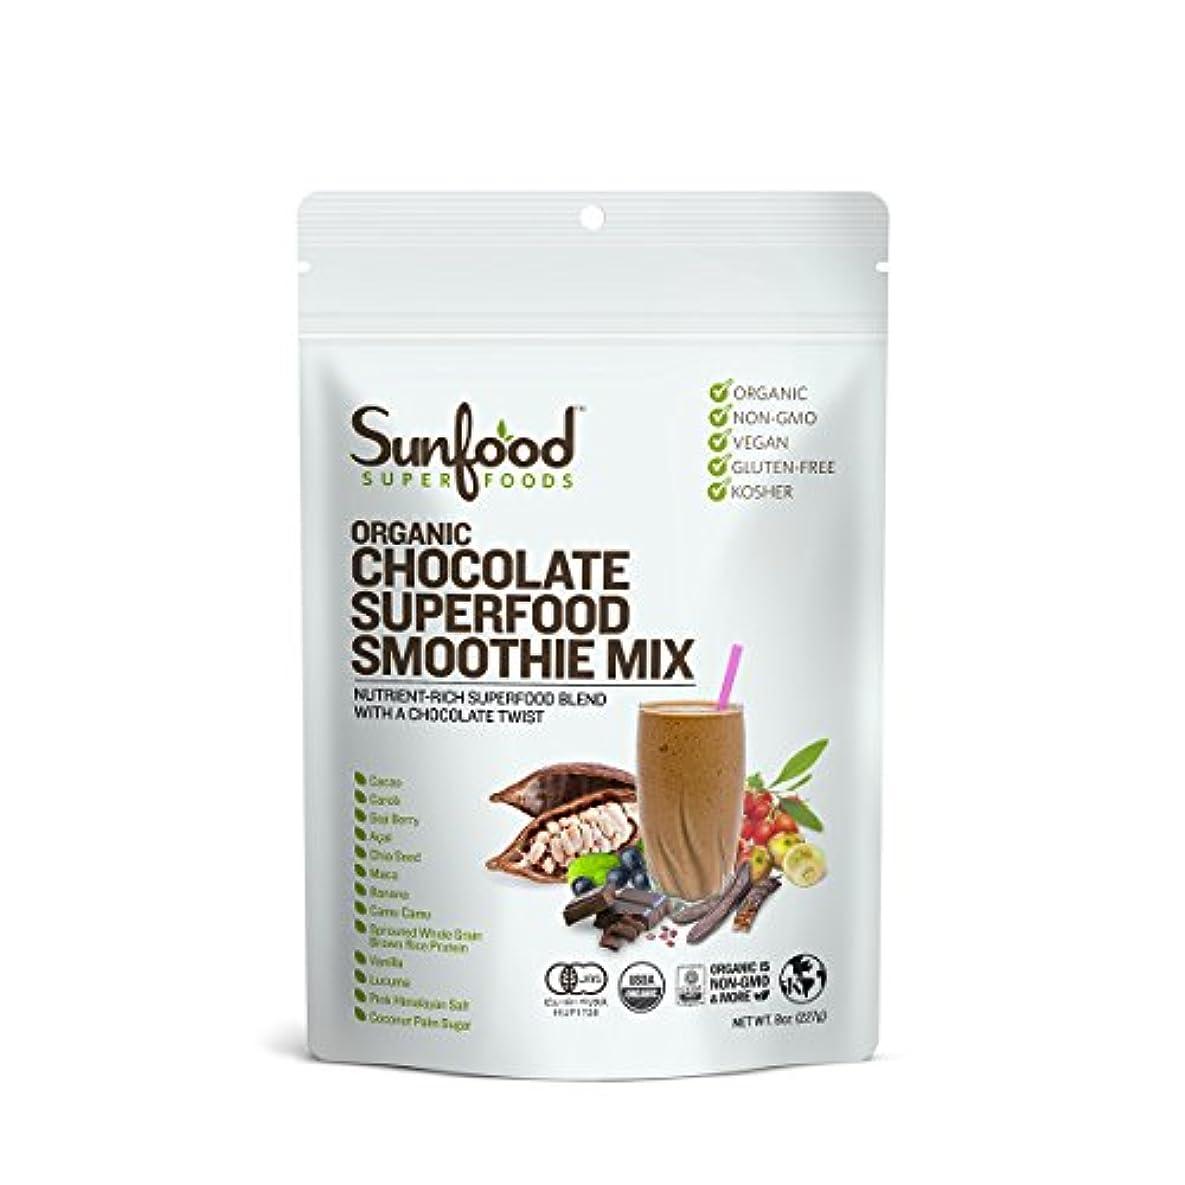 処方するおとうさん現れるオーガニック チョコレート スーパーフードスムージーミックス 227g【有機JAS認証付】 国内正規品